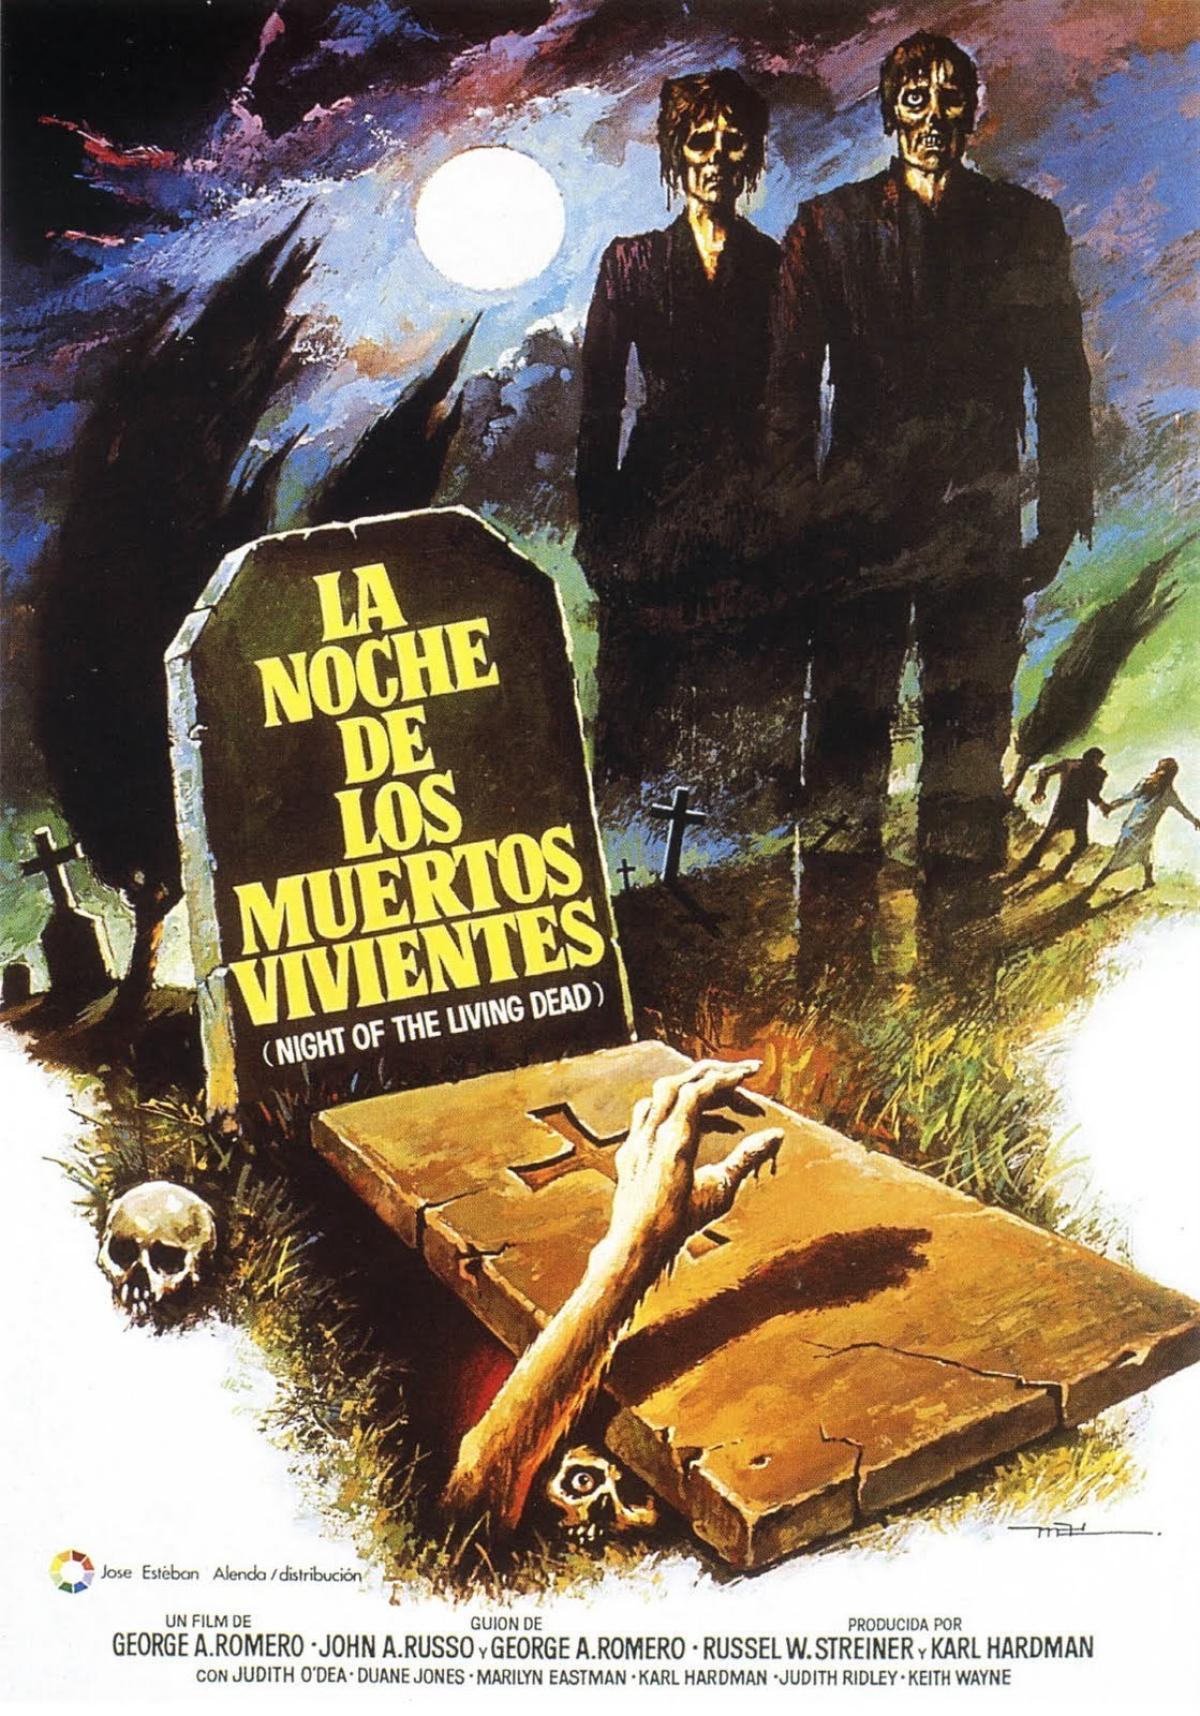 La Noche De Los Muertos Vivientes 1968 Críticas Noticias Novedades Y Opiniones Películas En Hobbyconsolas